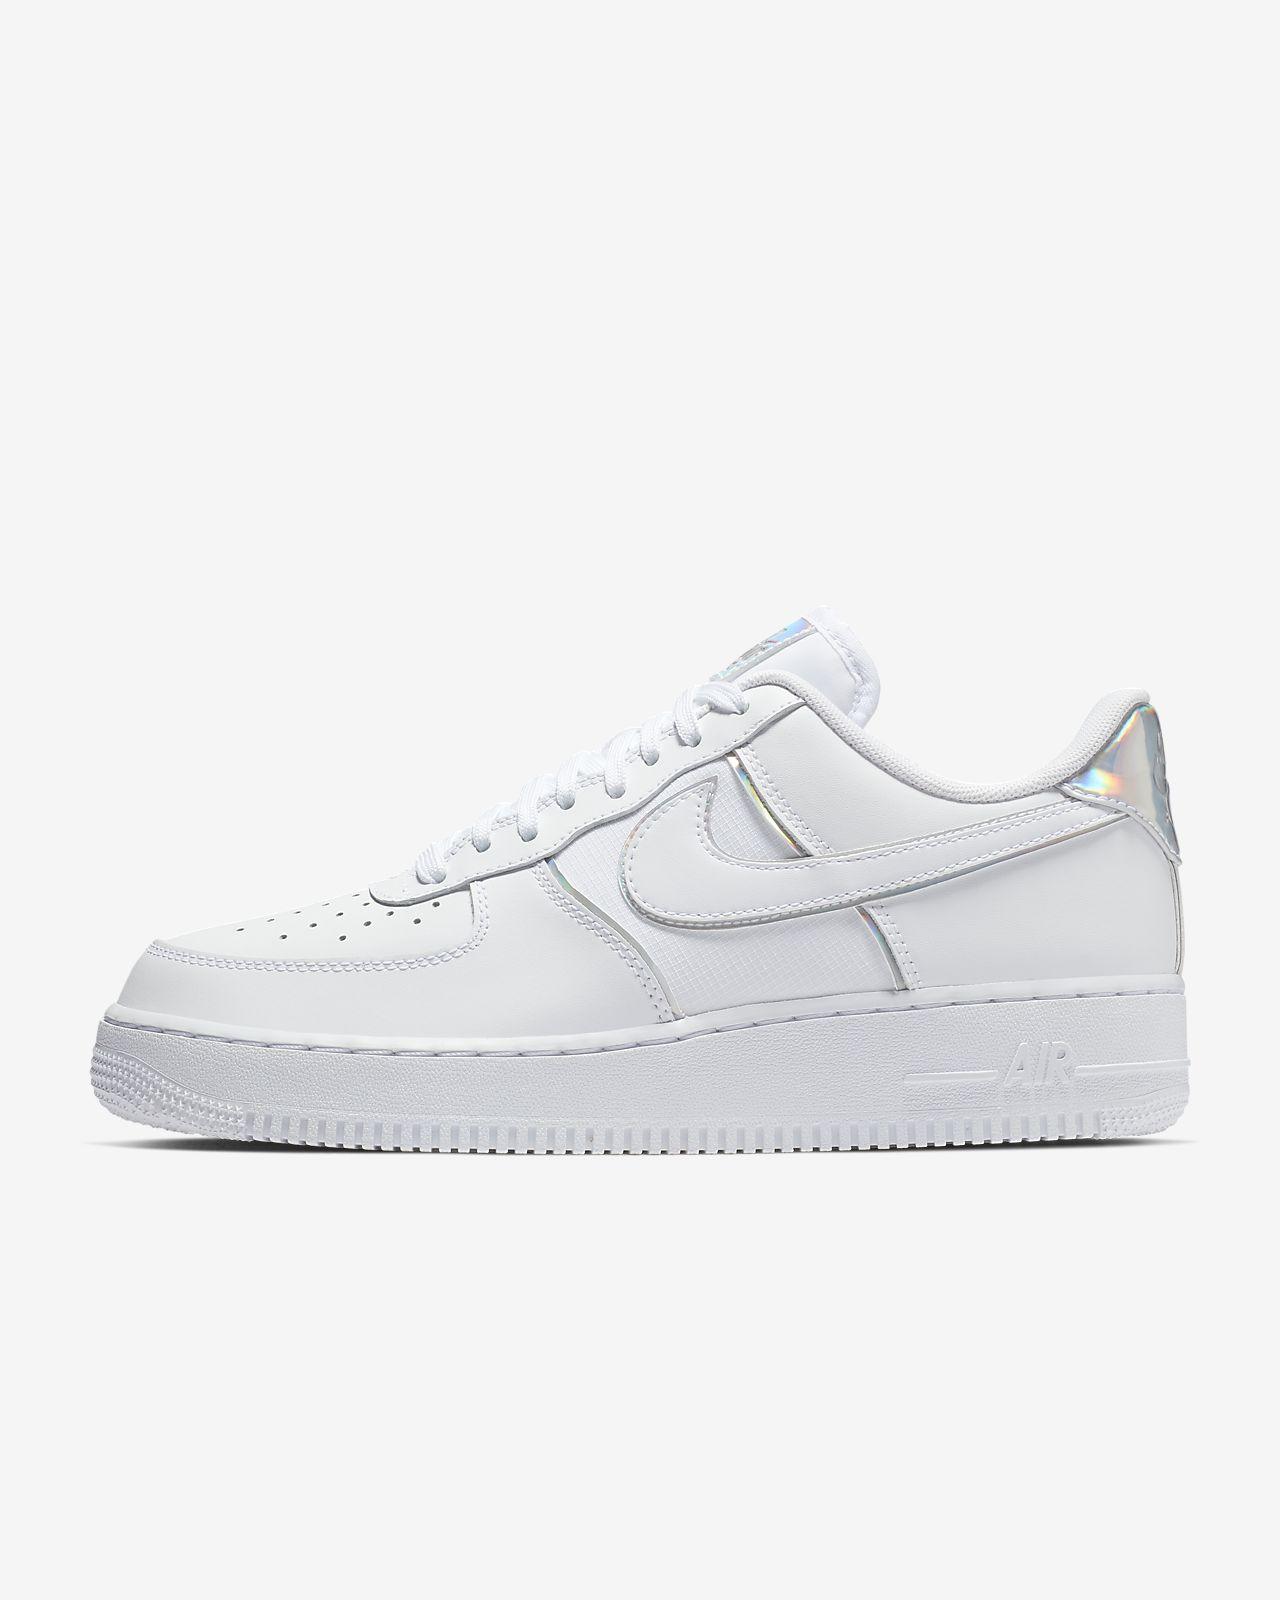 Nike Air Force 1 '07 LV8 4 男鞋